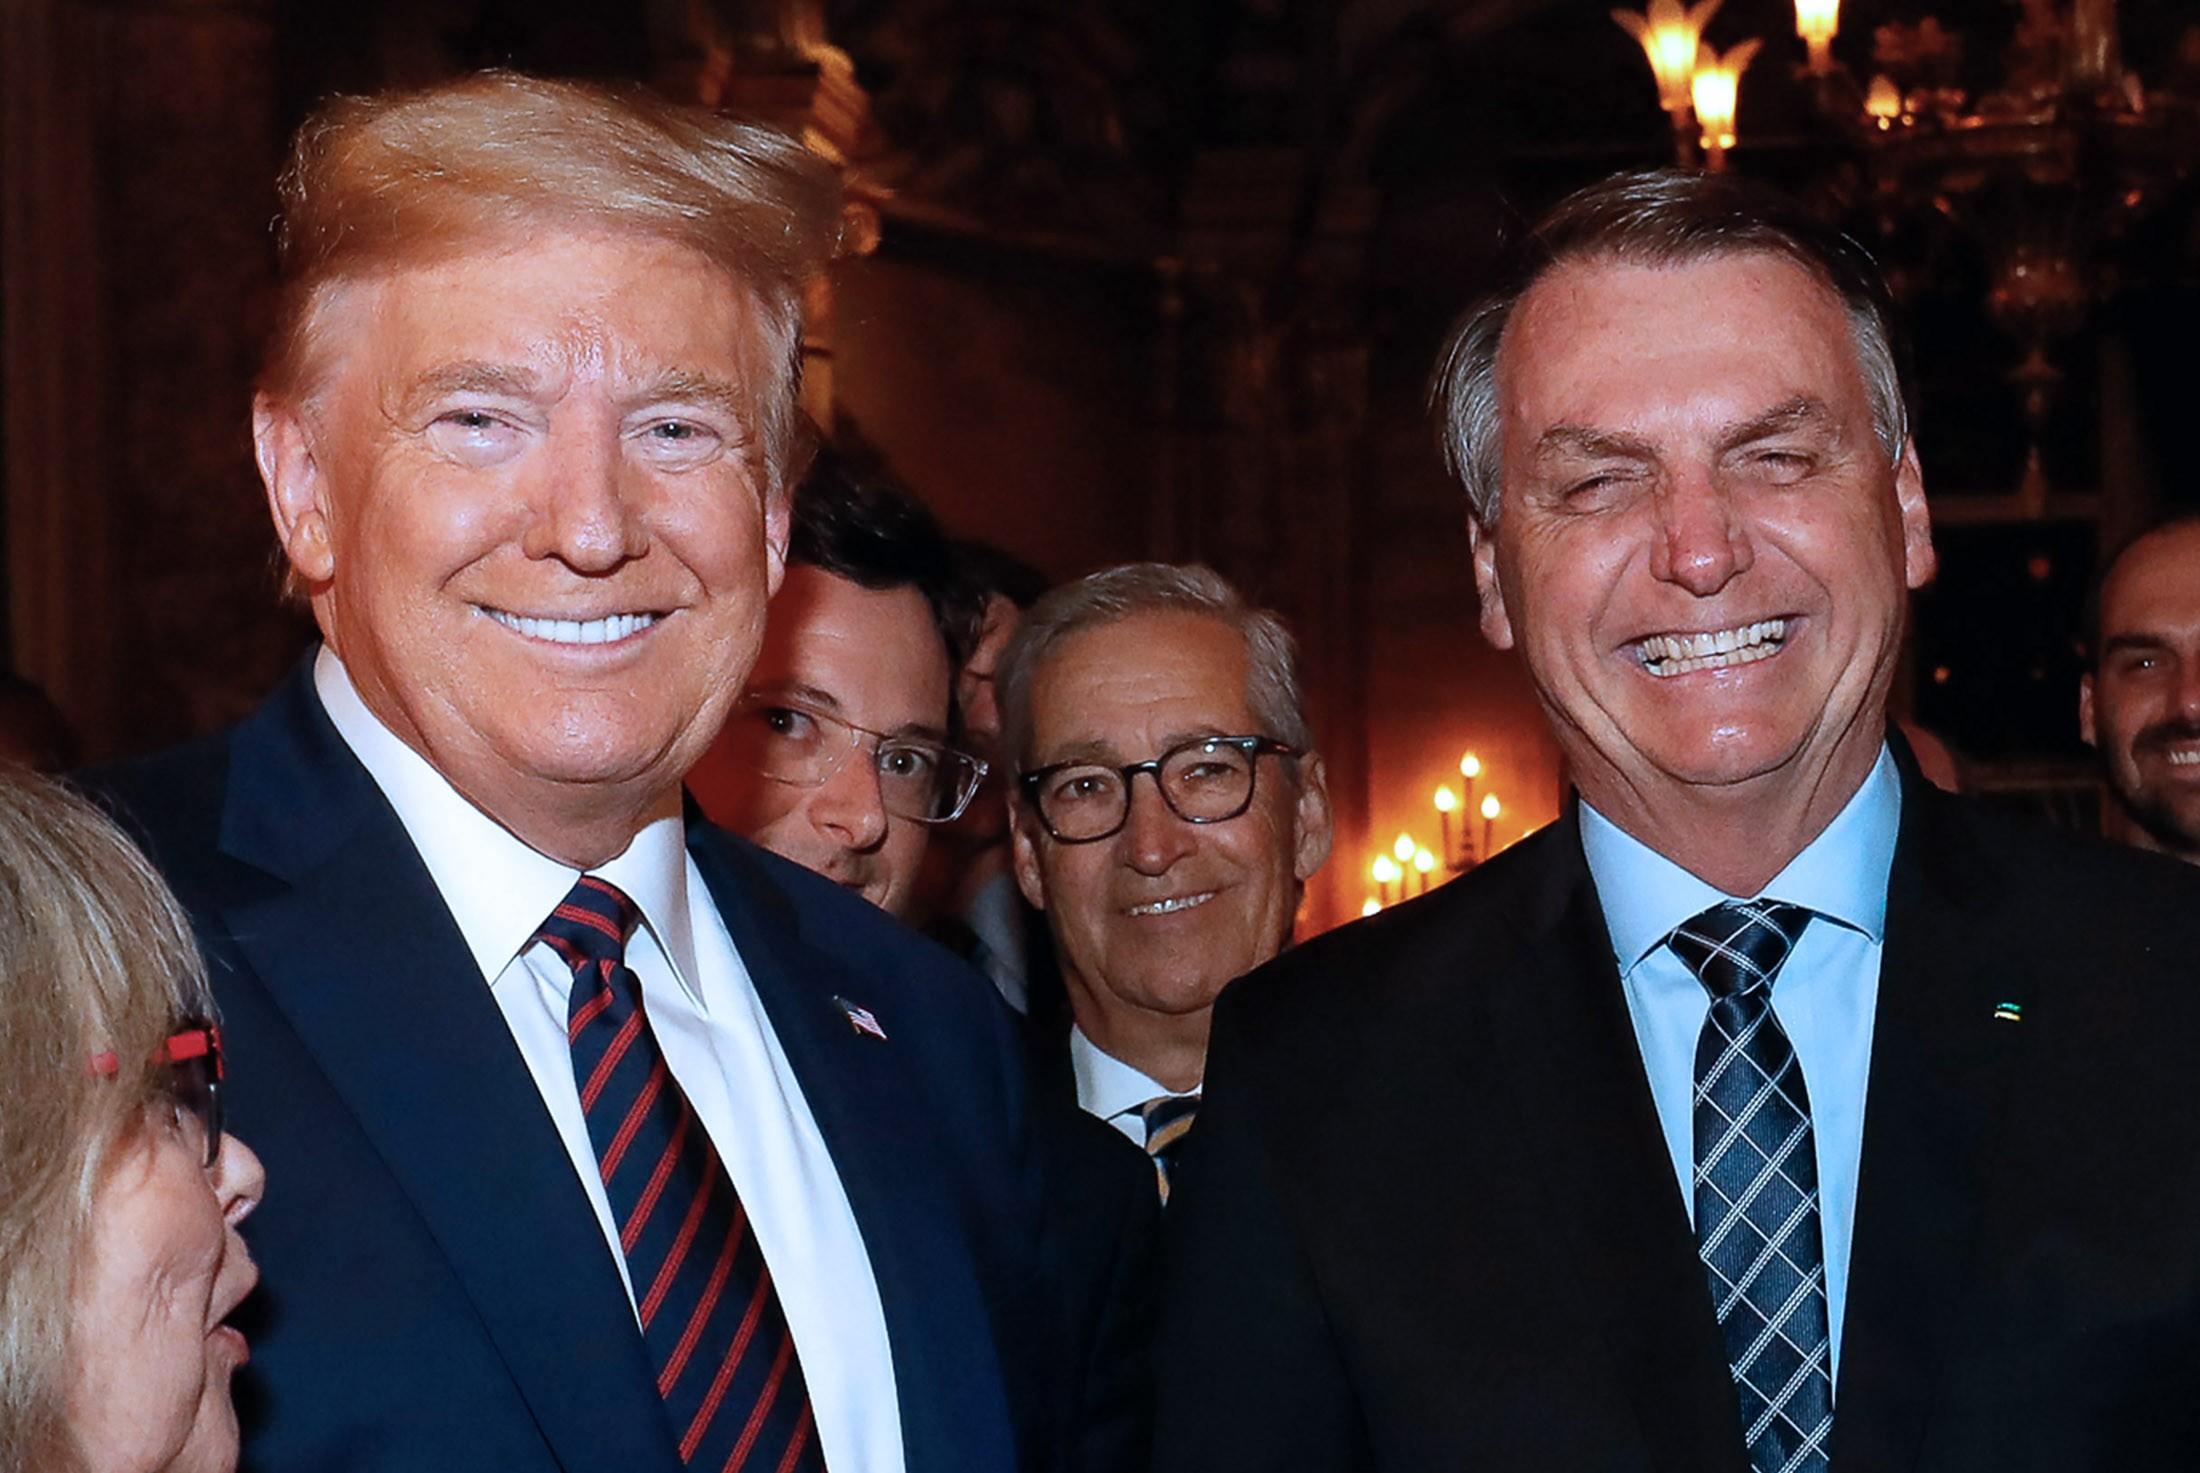 Trump expressa apoio a Bolsonaro após aprovação de relatório da CPI que acusa presidente de 9 crimes